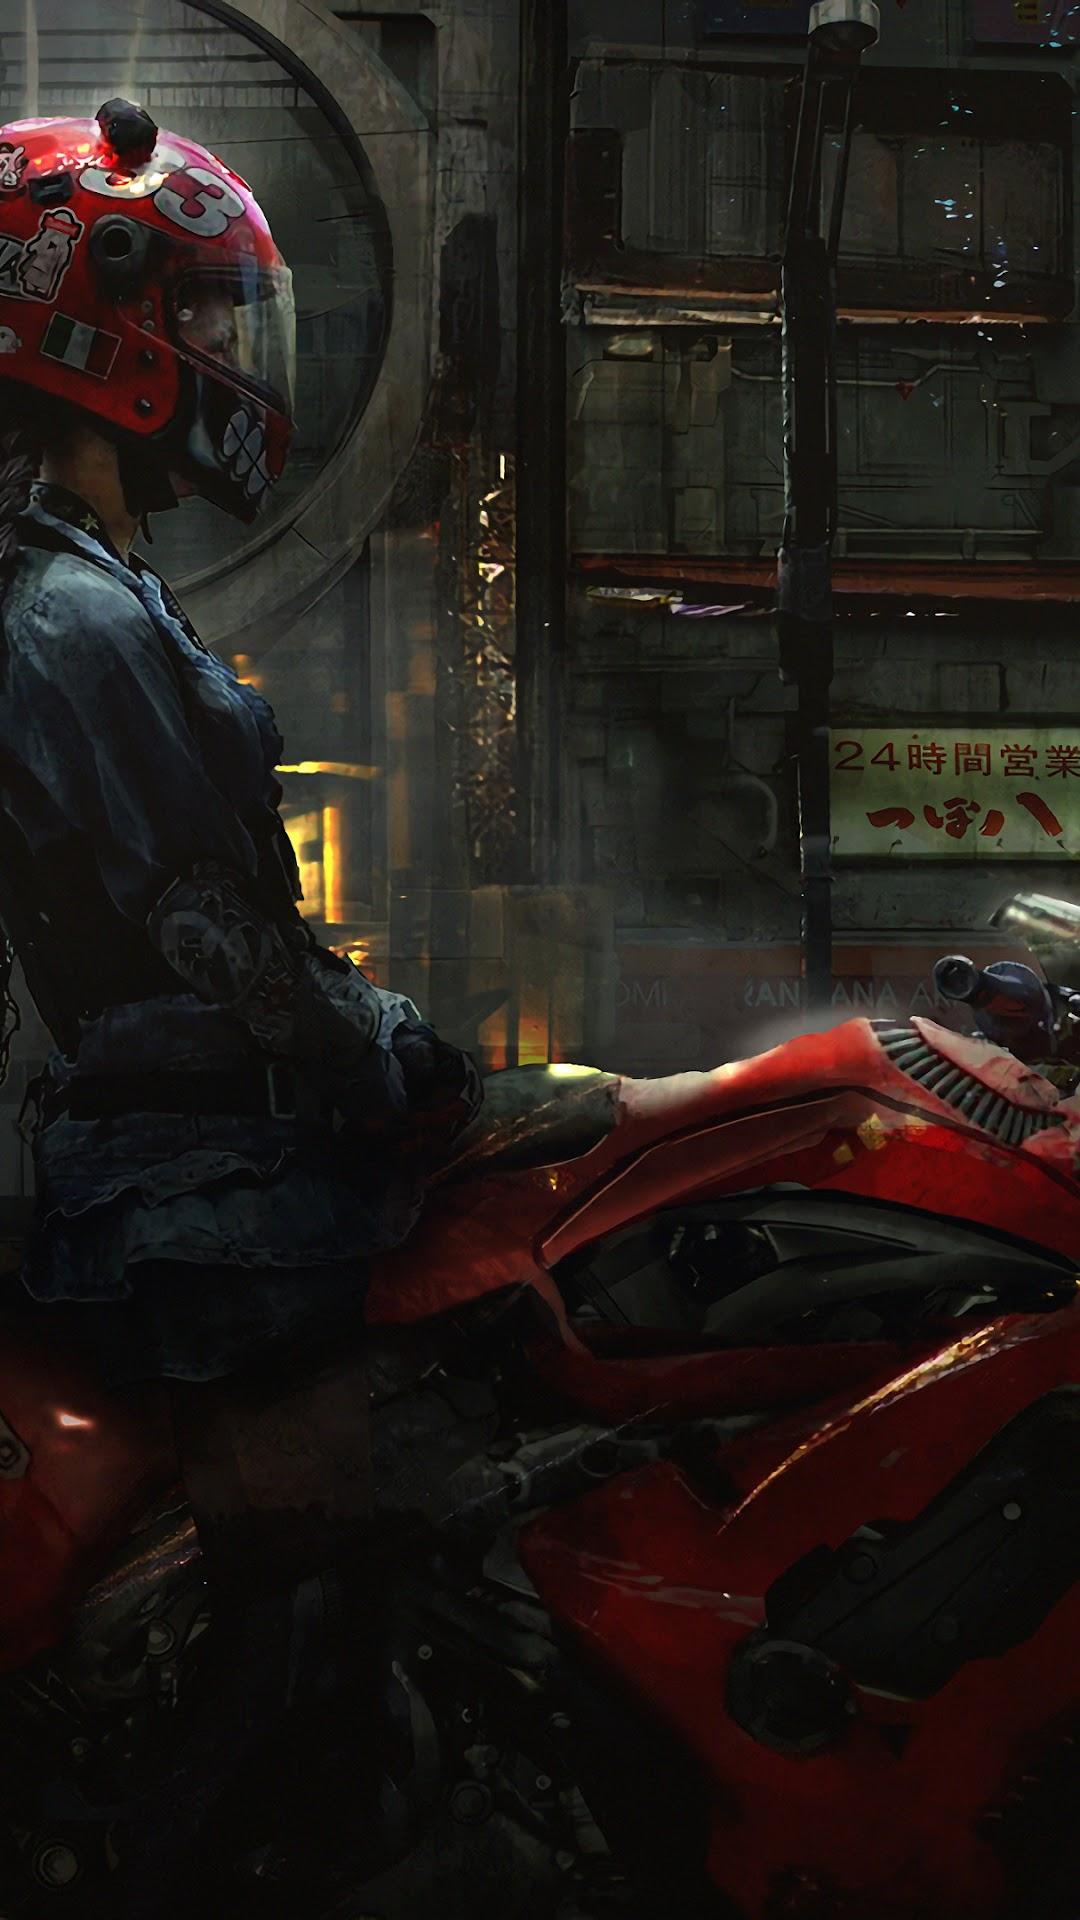 Cyberpunk Sci Fi Motorcycle 4k Wallpaper 86